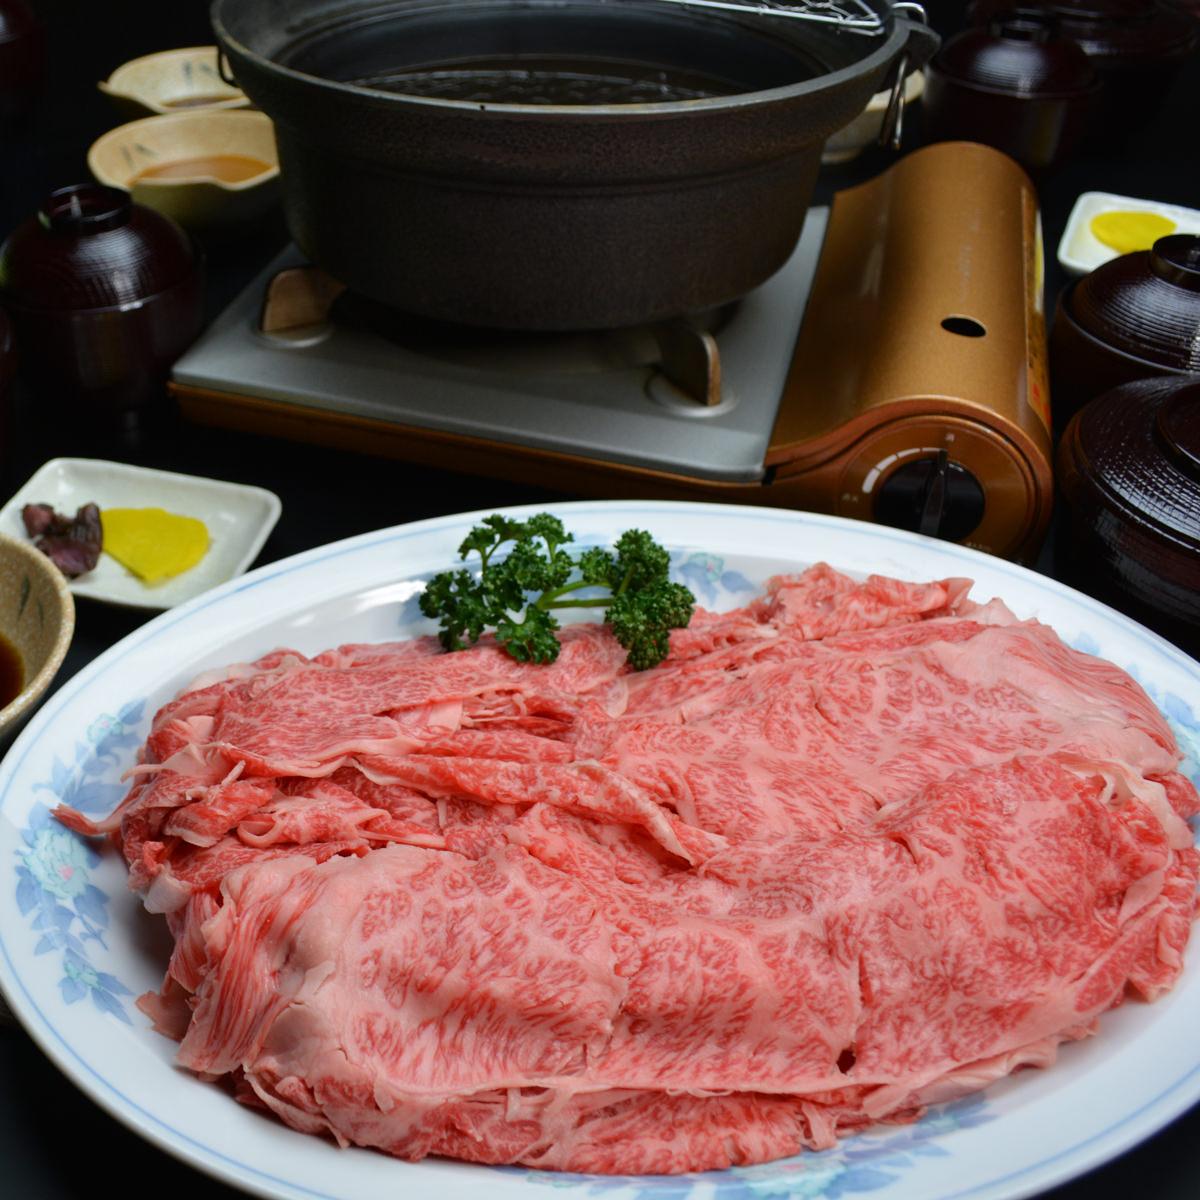 松阪まるよし 松阪牛しゃぶしゃぶ用スライス肉(肩・モモ)〔400g〕